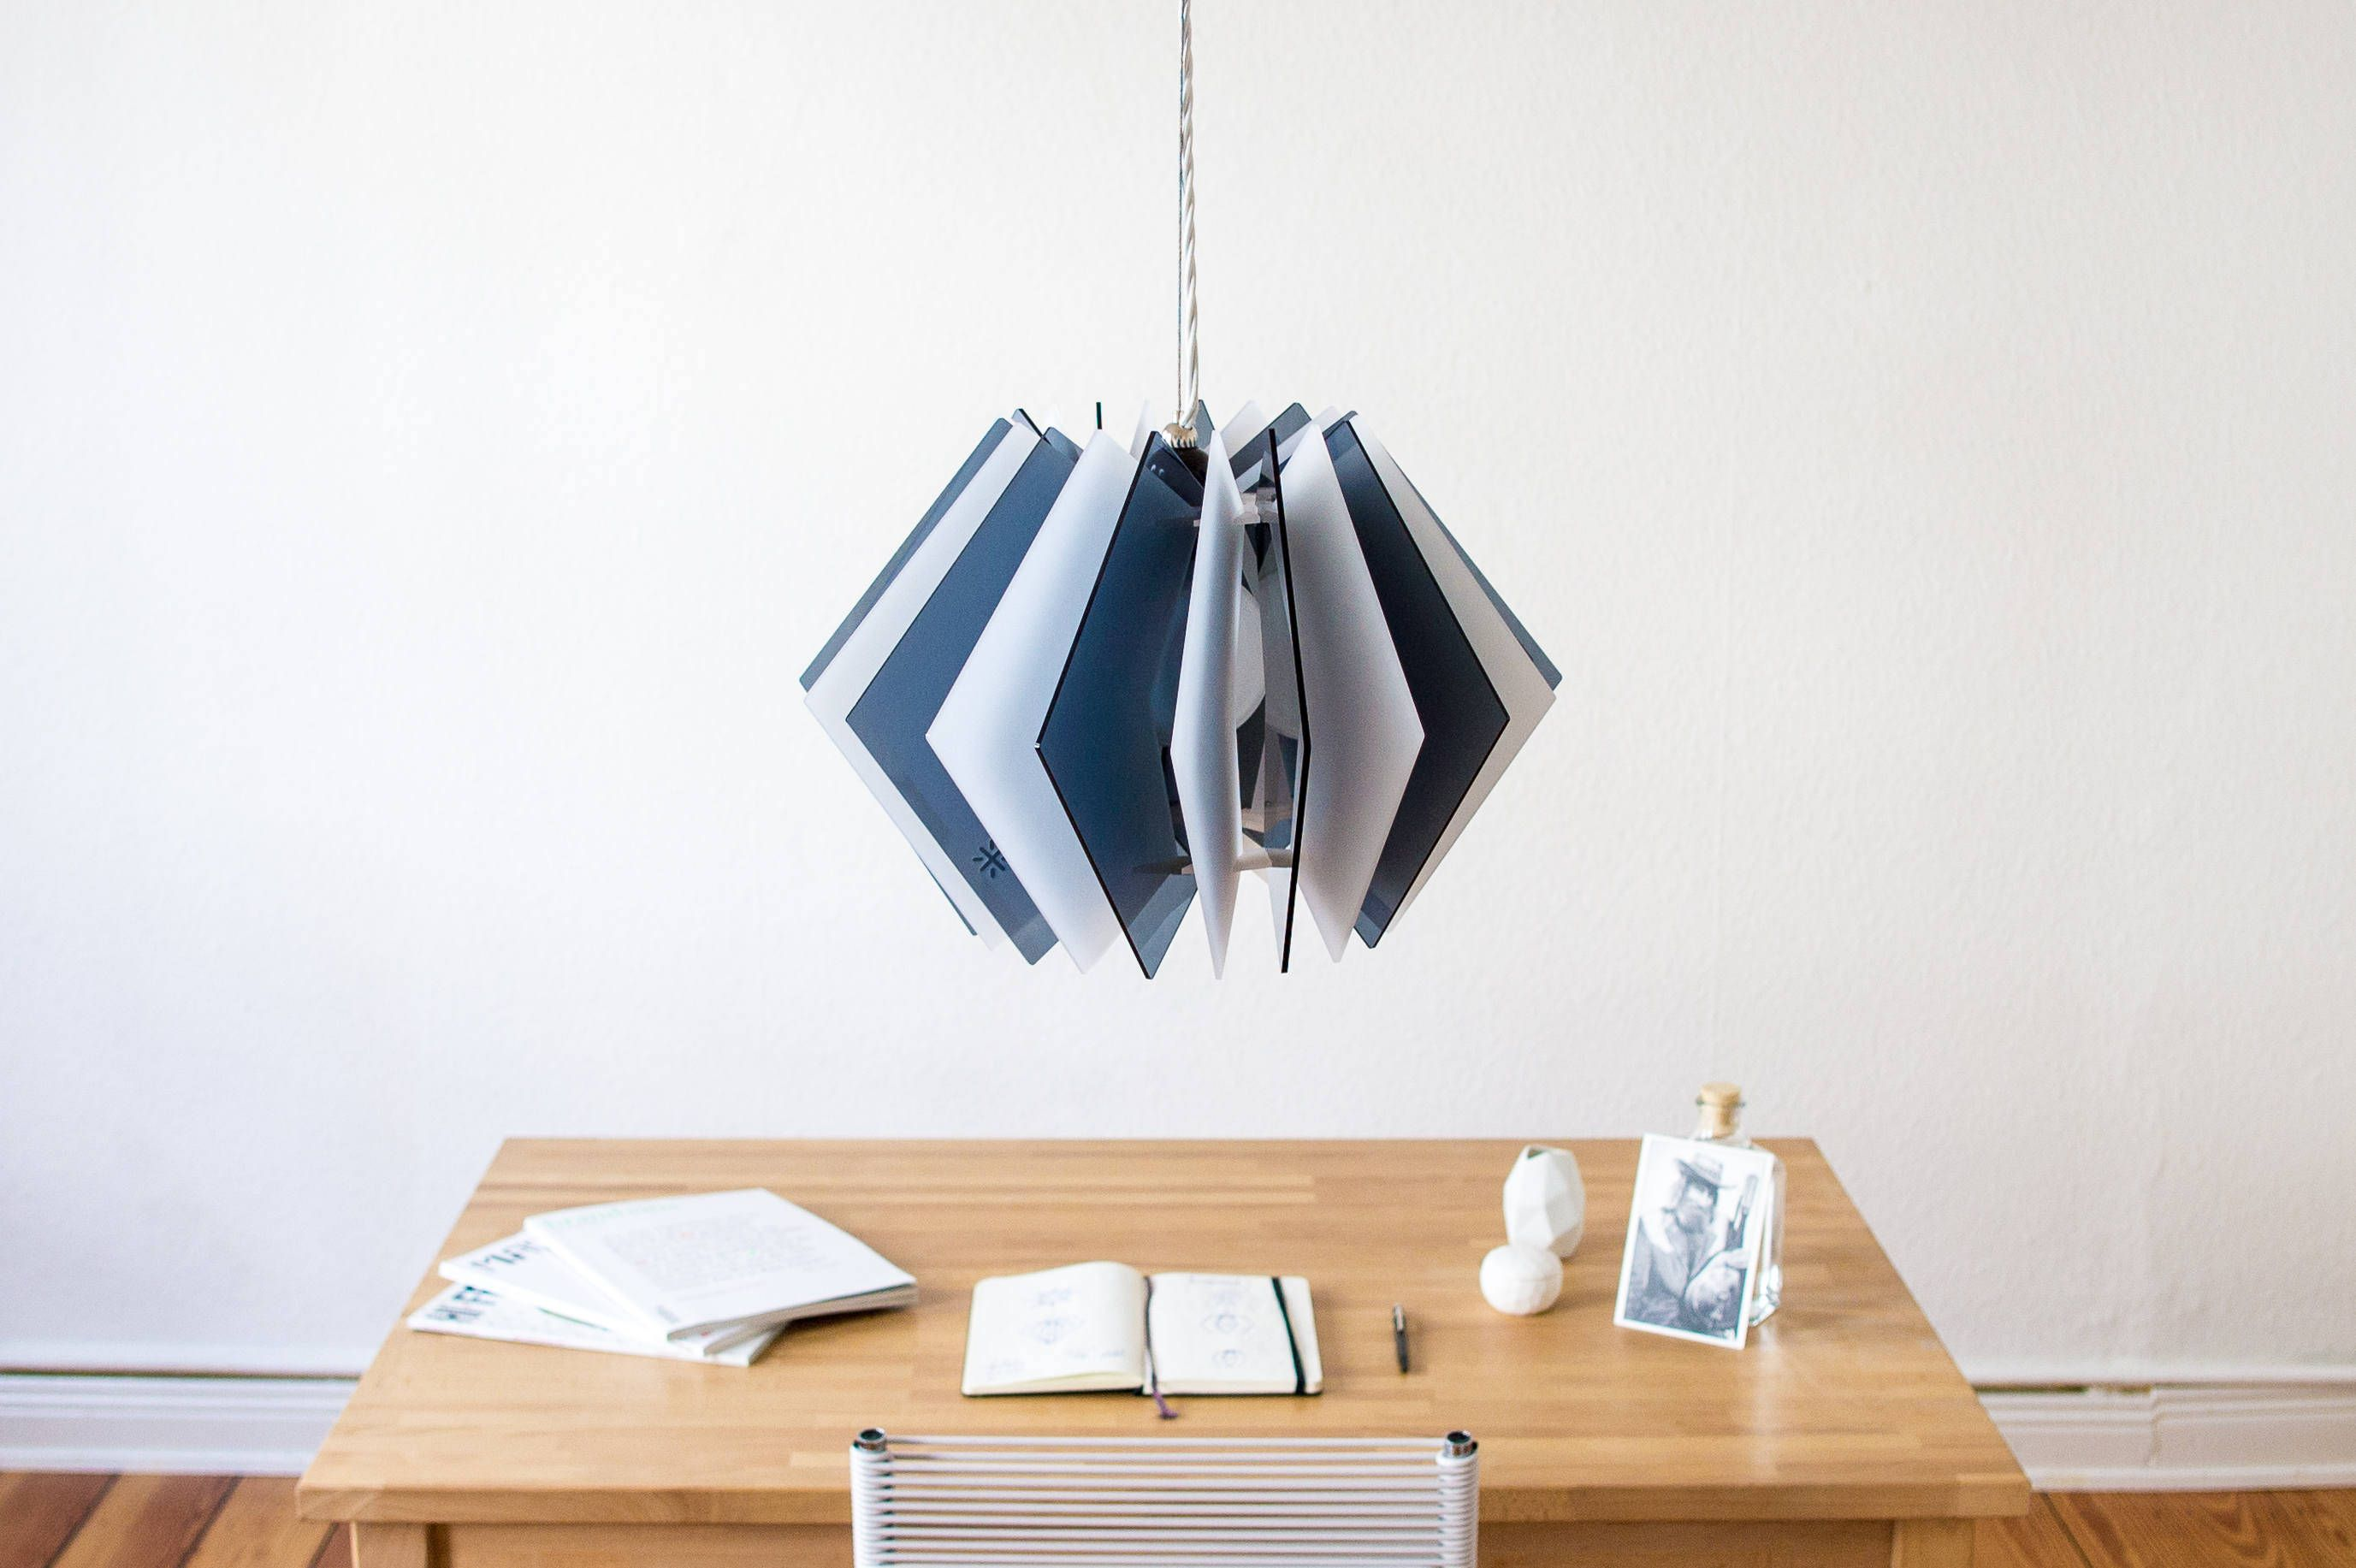 Die L16 Lampen Serie ist eine dekorative und handgefertigte Acrylglas Designer Lampe in moderner Optik für eine stimmungsvolle Beleuchtung in dei…